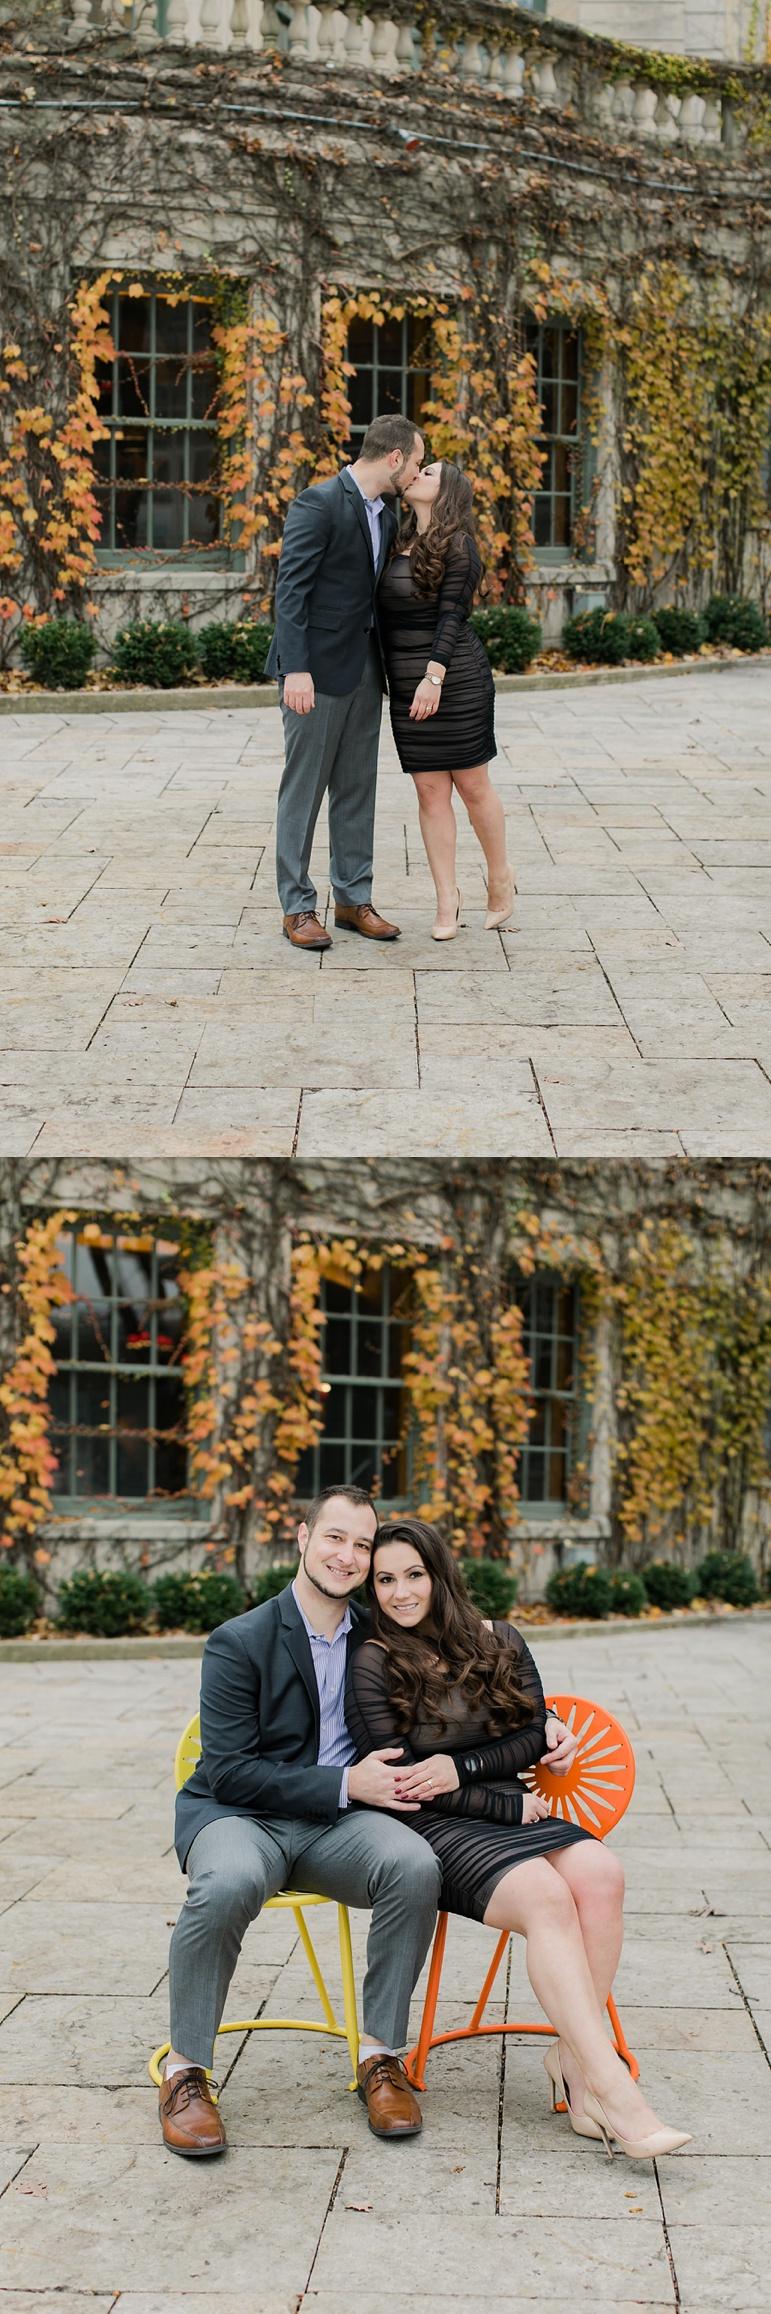 Memorial Union Terrace Engagement Photos